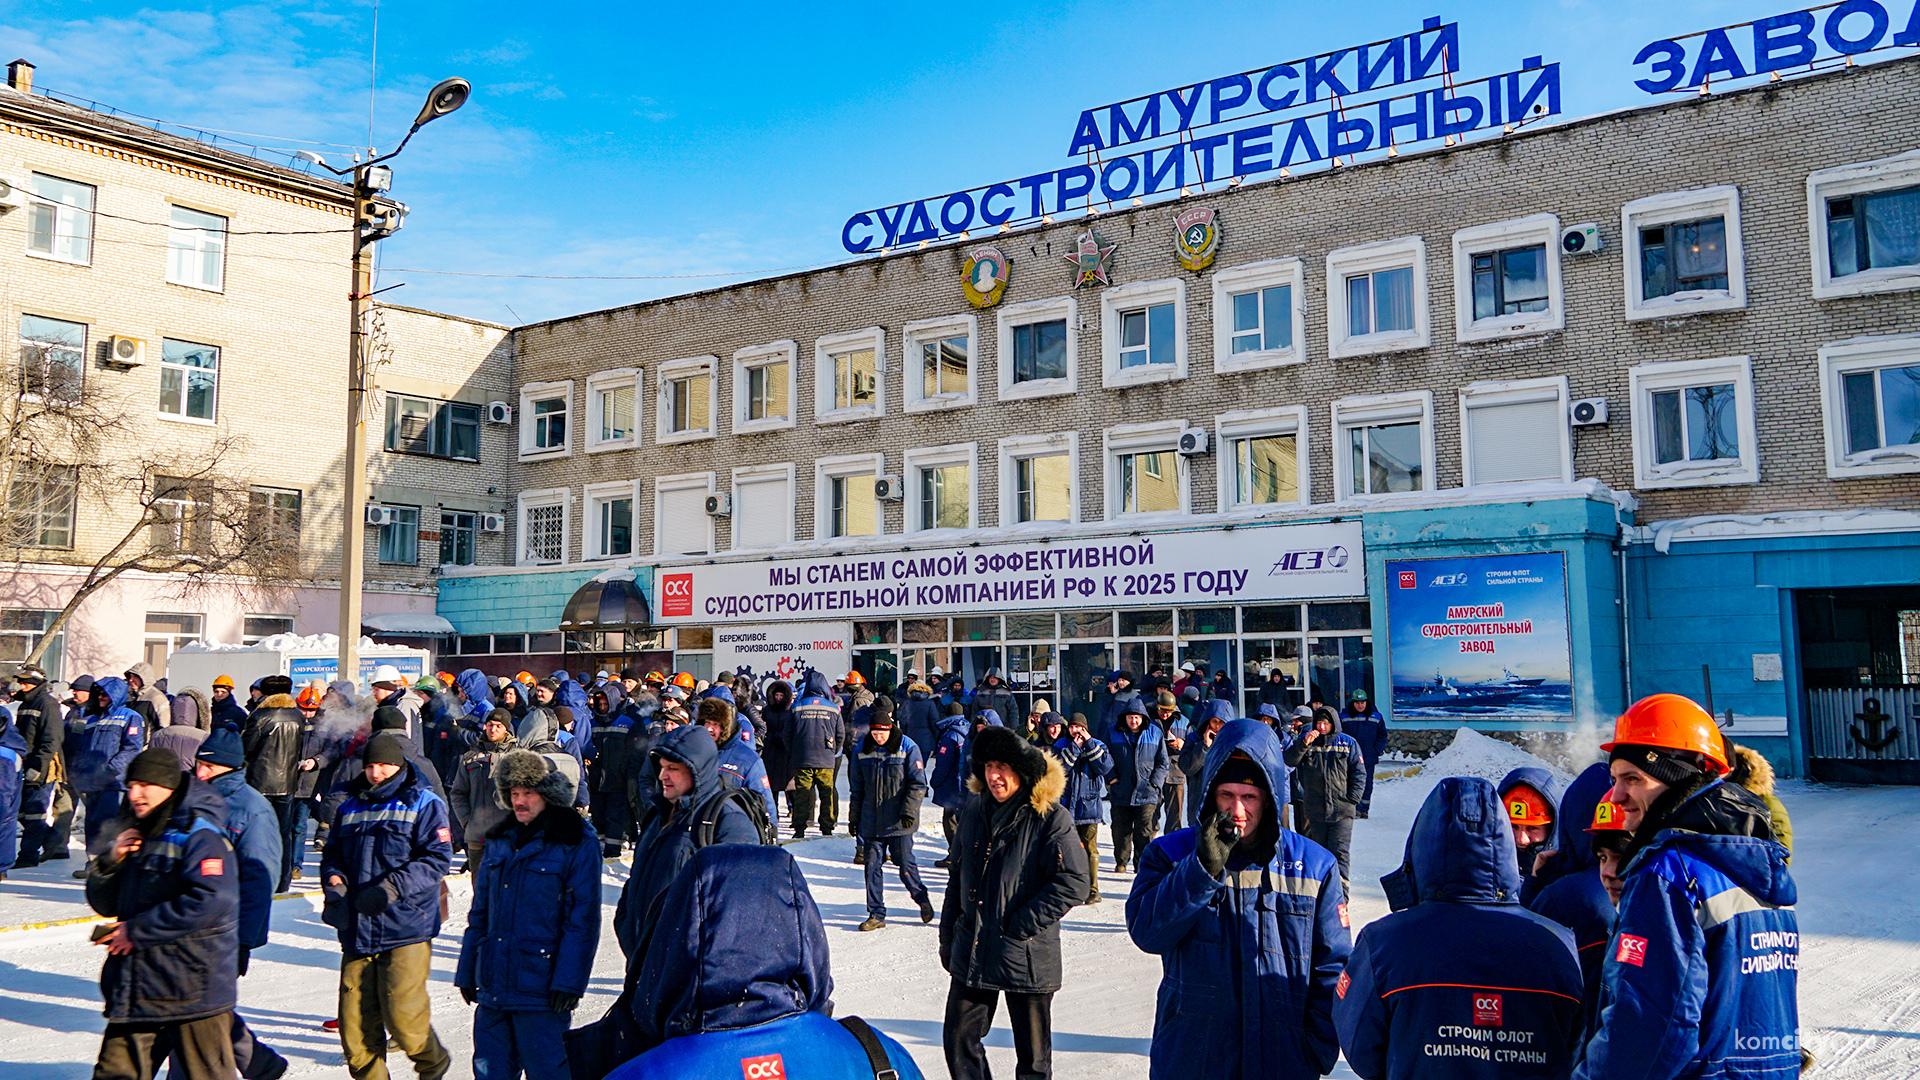 http://www.komcity.ru/i/news/36229/ebaaff239e768bbf2dce1f0fbe5c82b41578539394.jpg